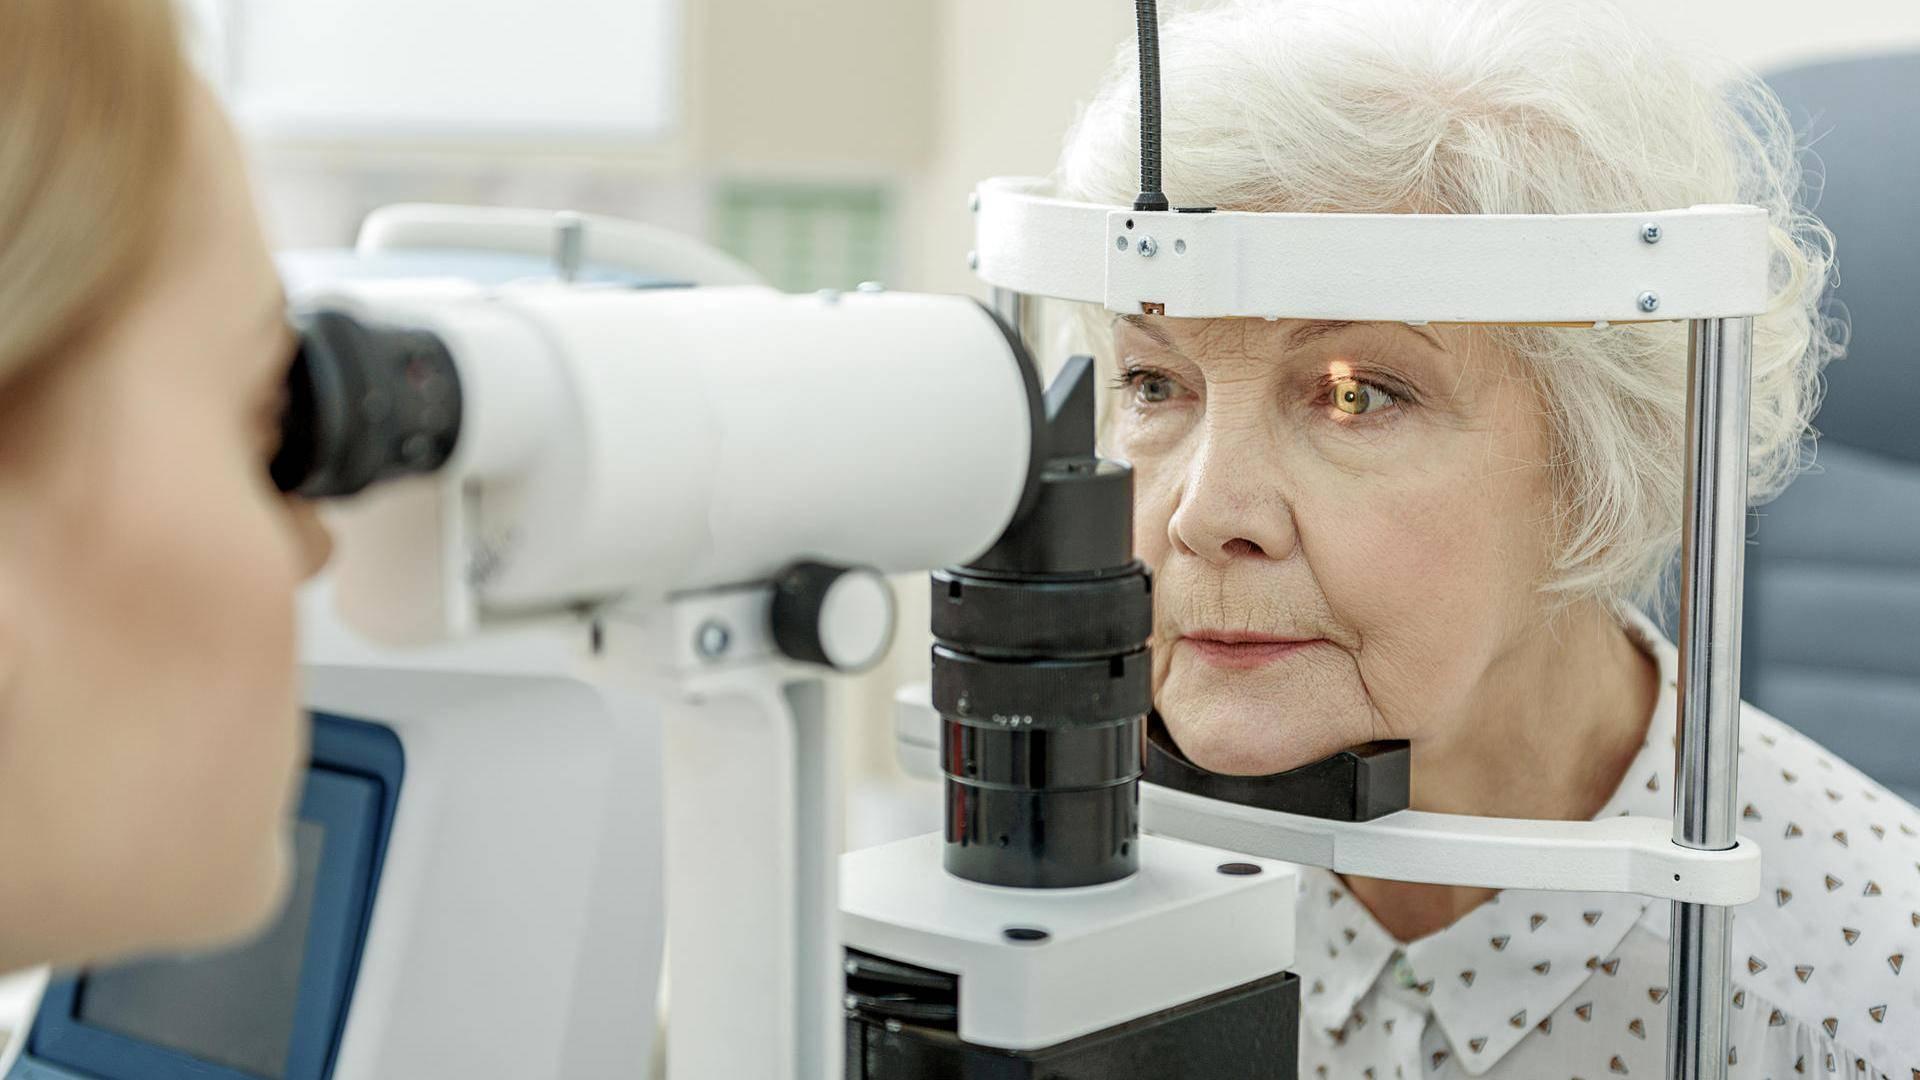 Глаукома: причины, симптомы, лечение и профилактика - народные средства для пожилых людей